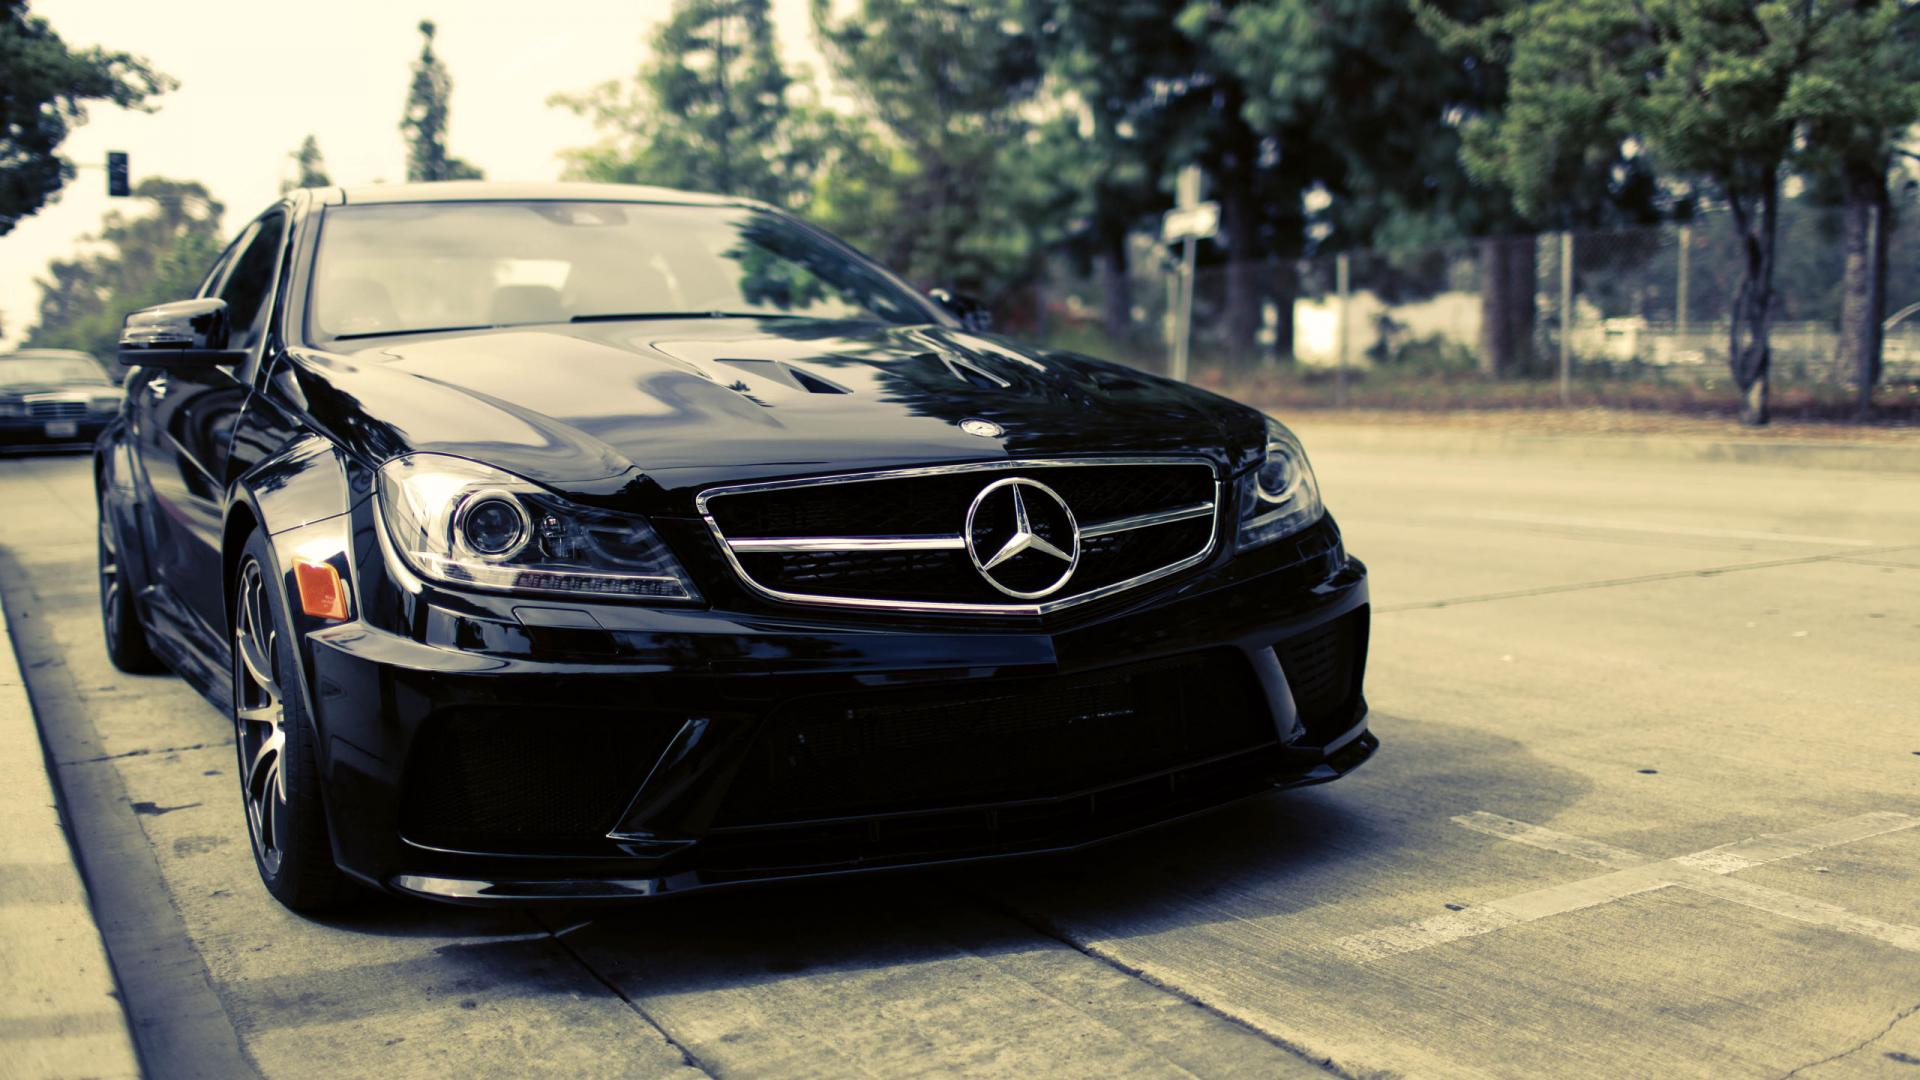 Black Mercedes Benz Hd Wallpaper Cars HD Wallpapers 1920x1080